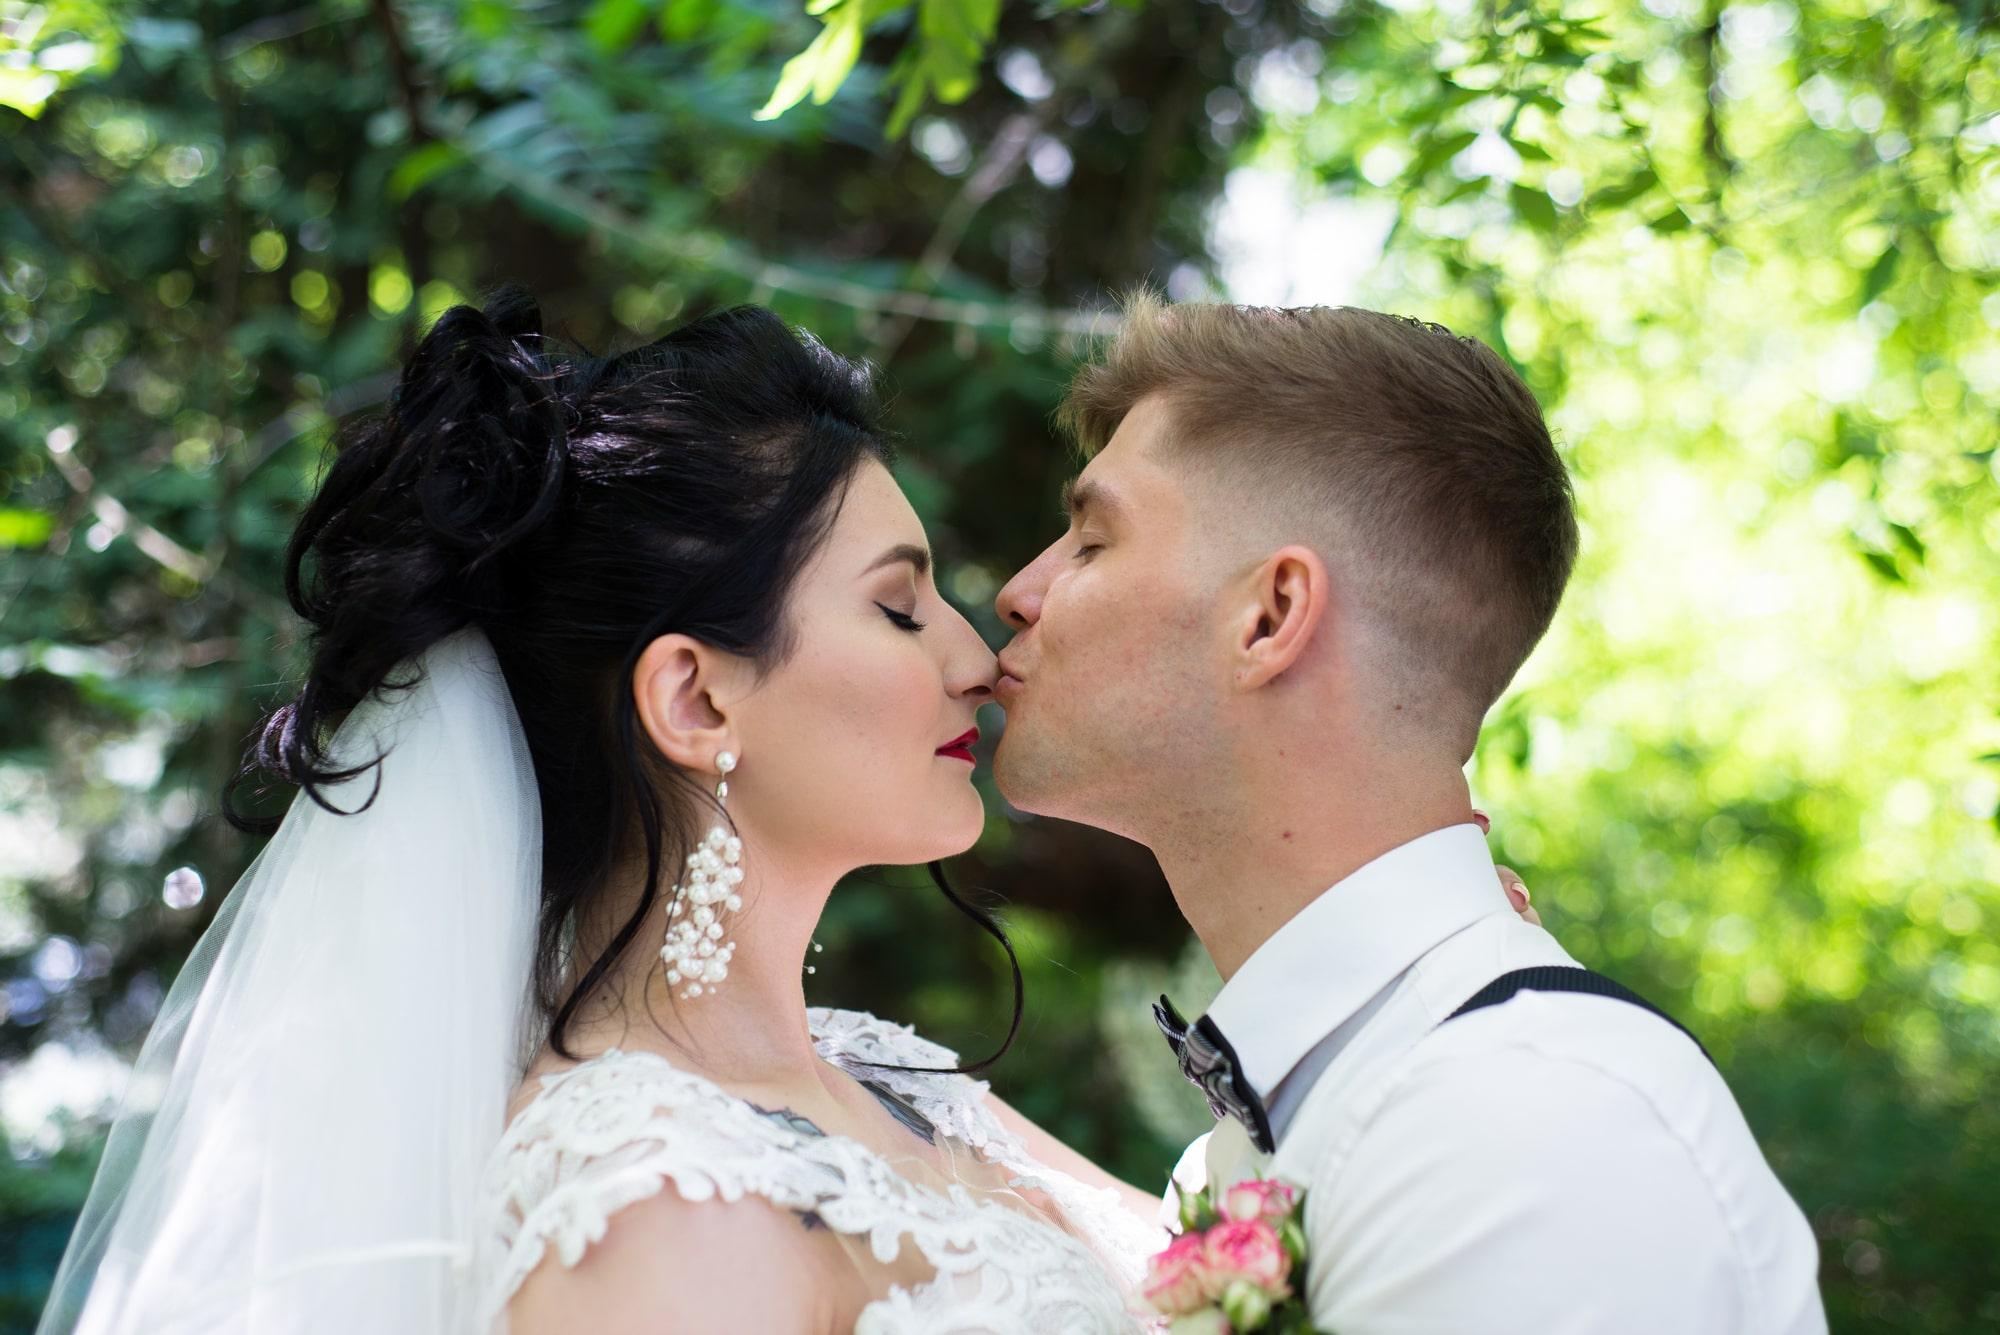 Свадебная фотосессия в студии Play - невеста и жених в поцелуе